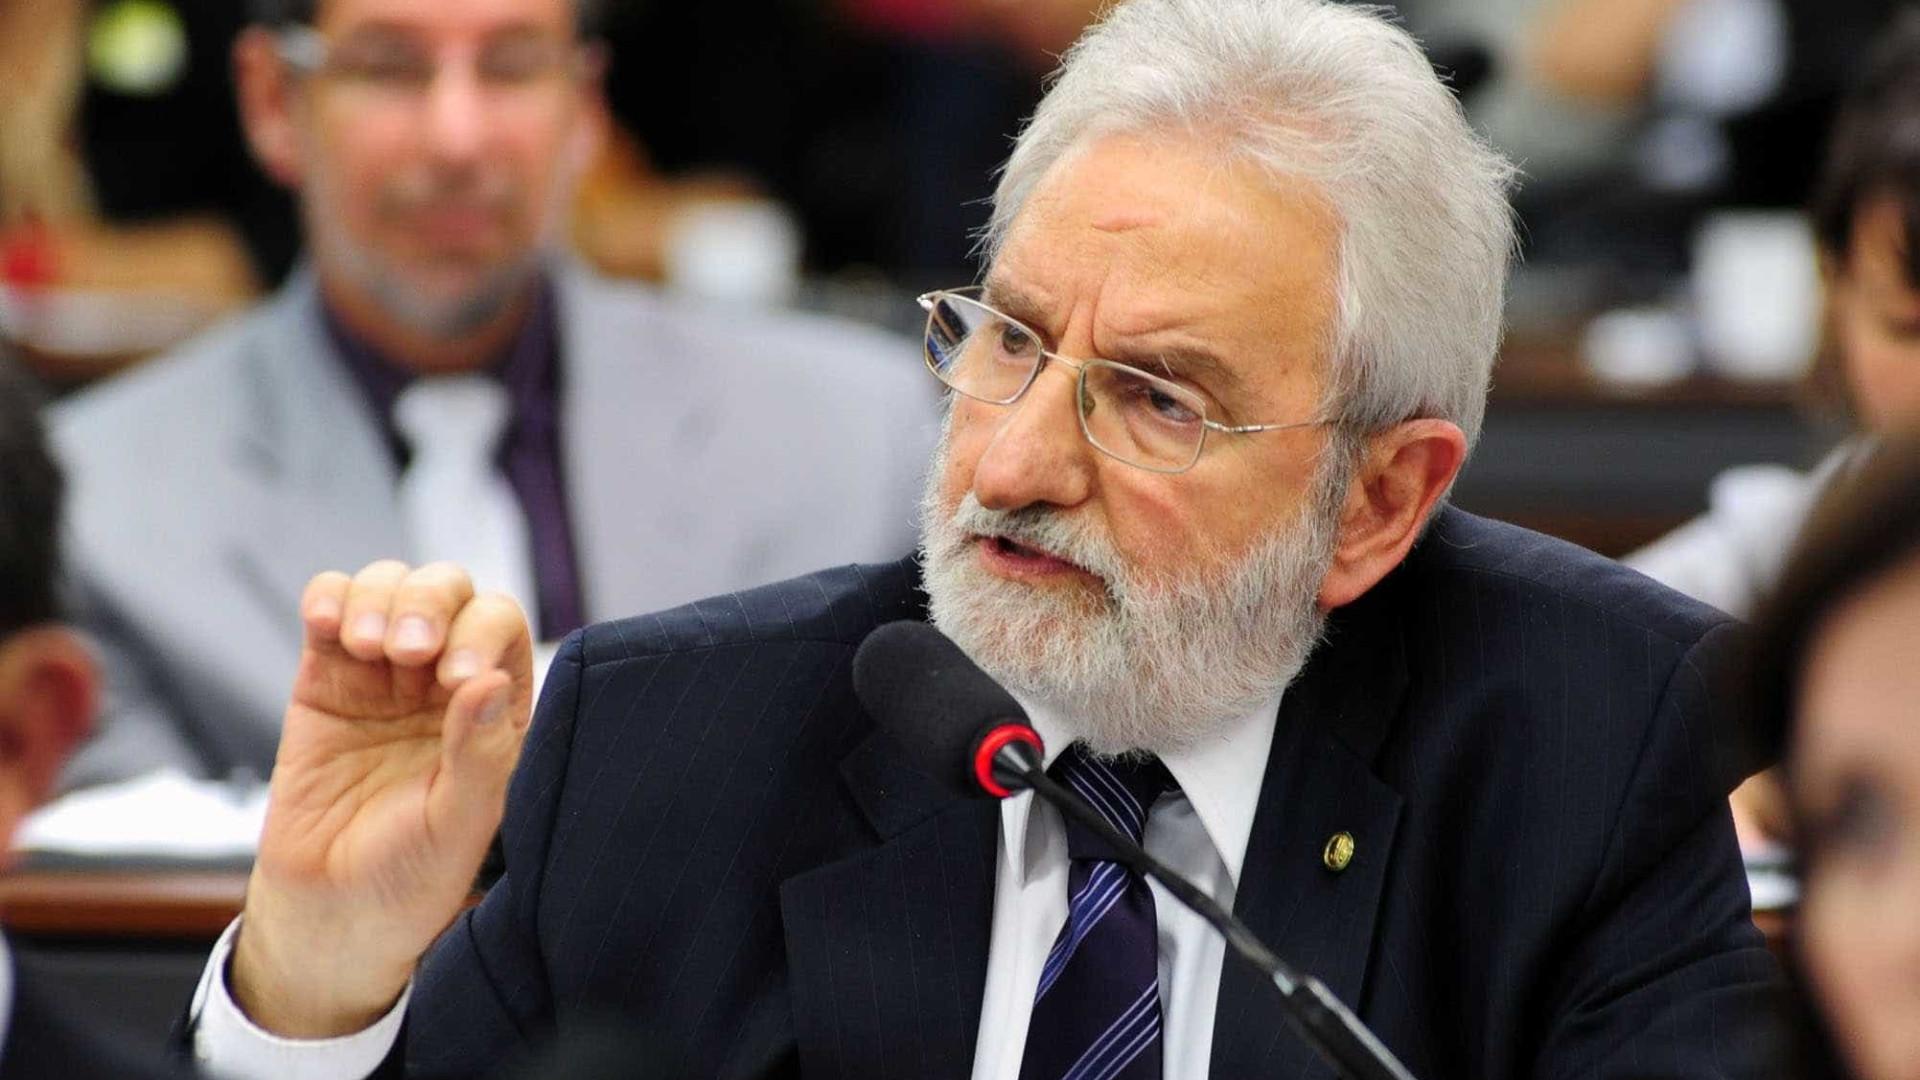 Ordem de prisão de Lula atropela decisão do STF — Orlando Silva